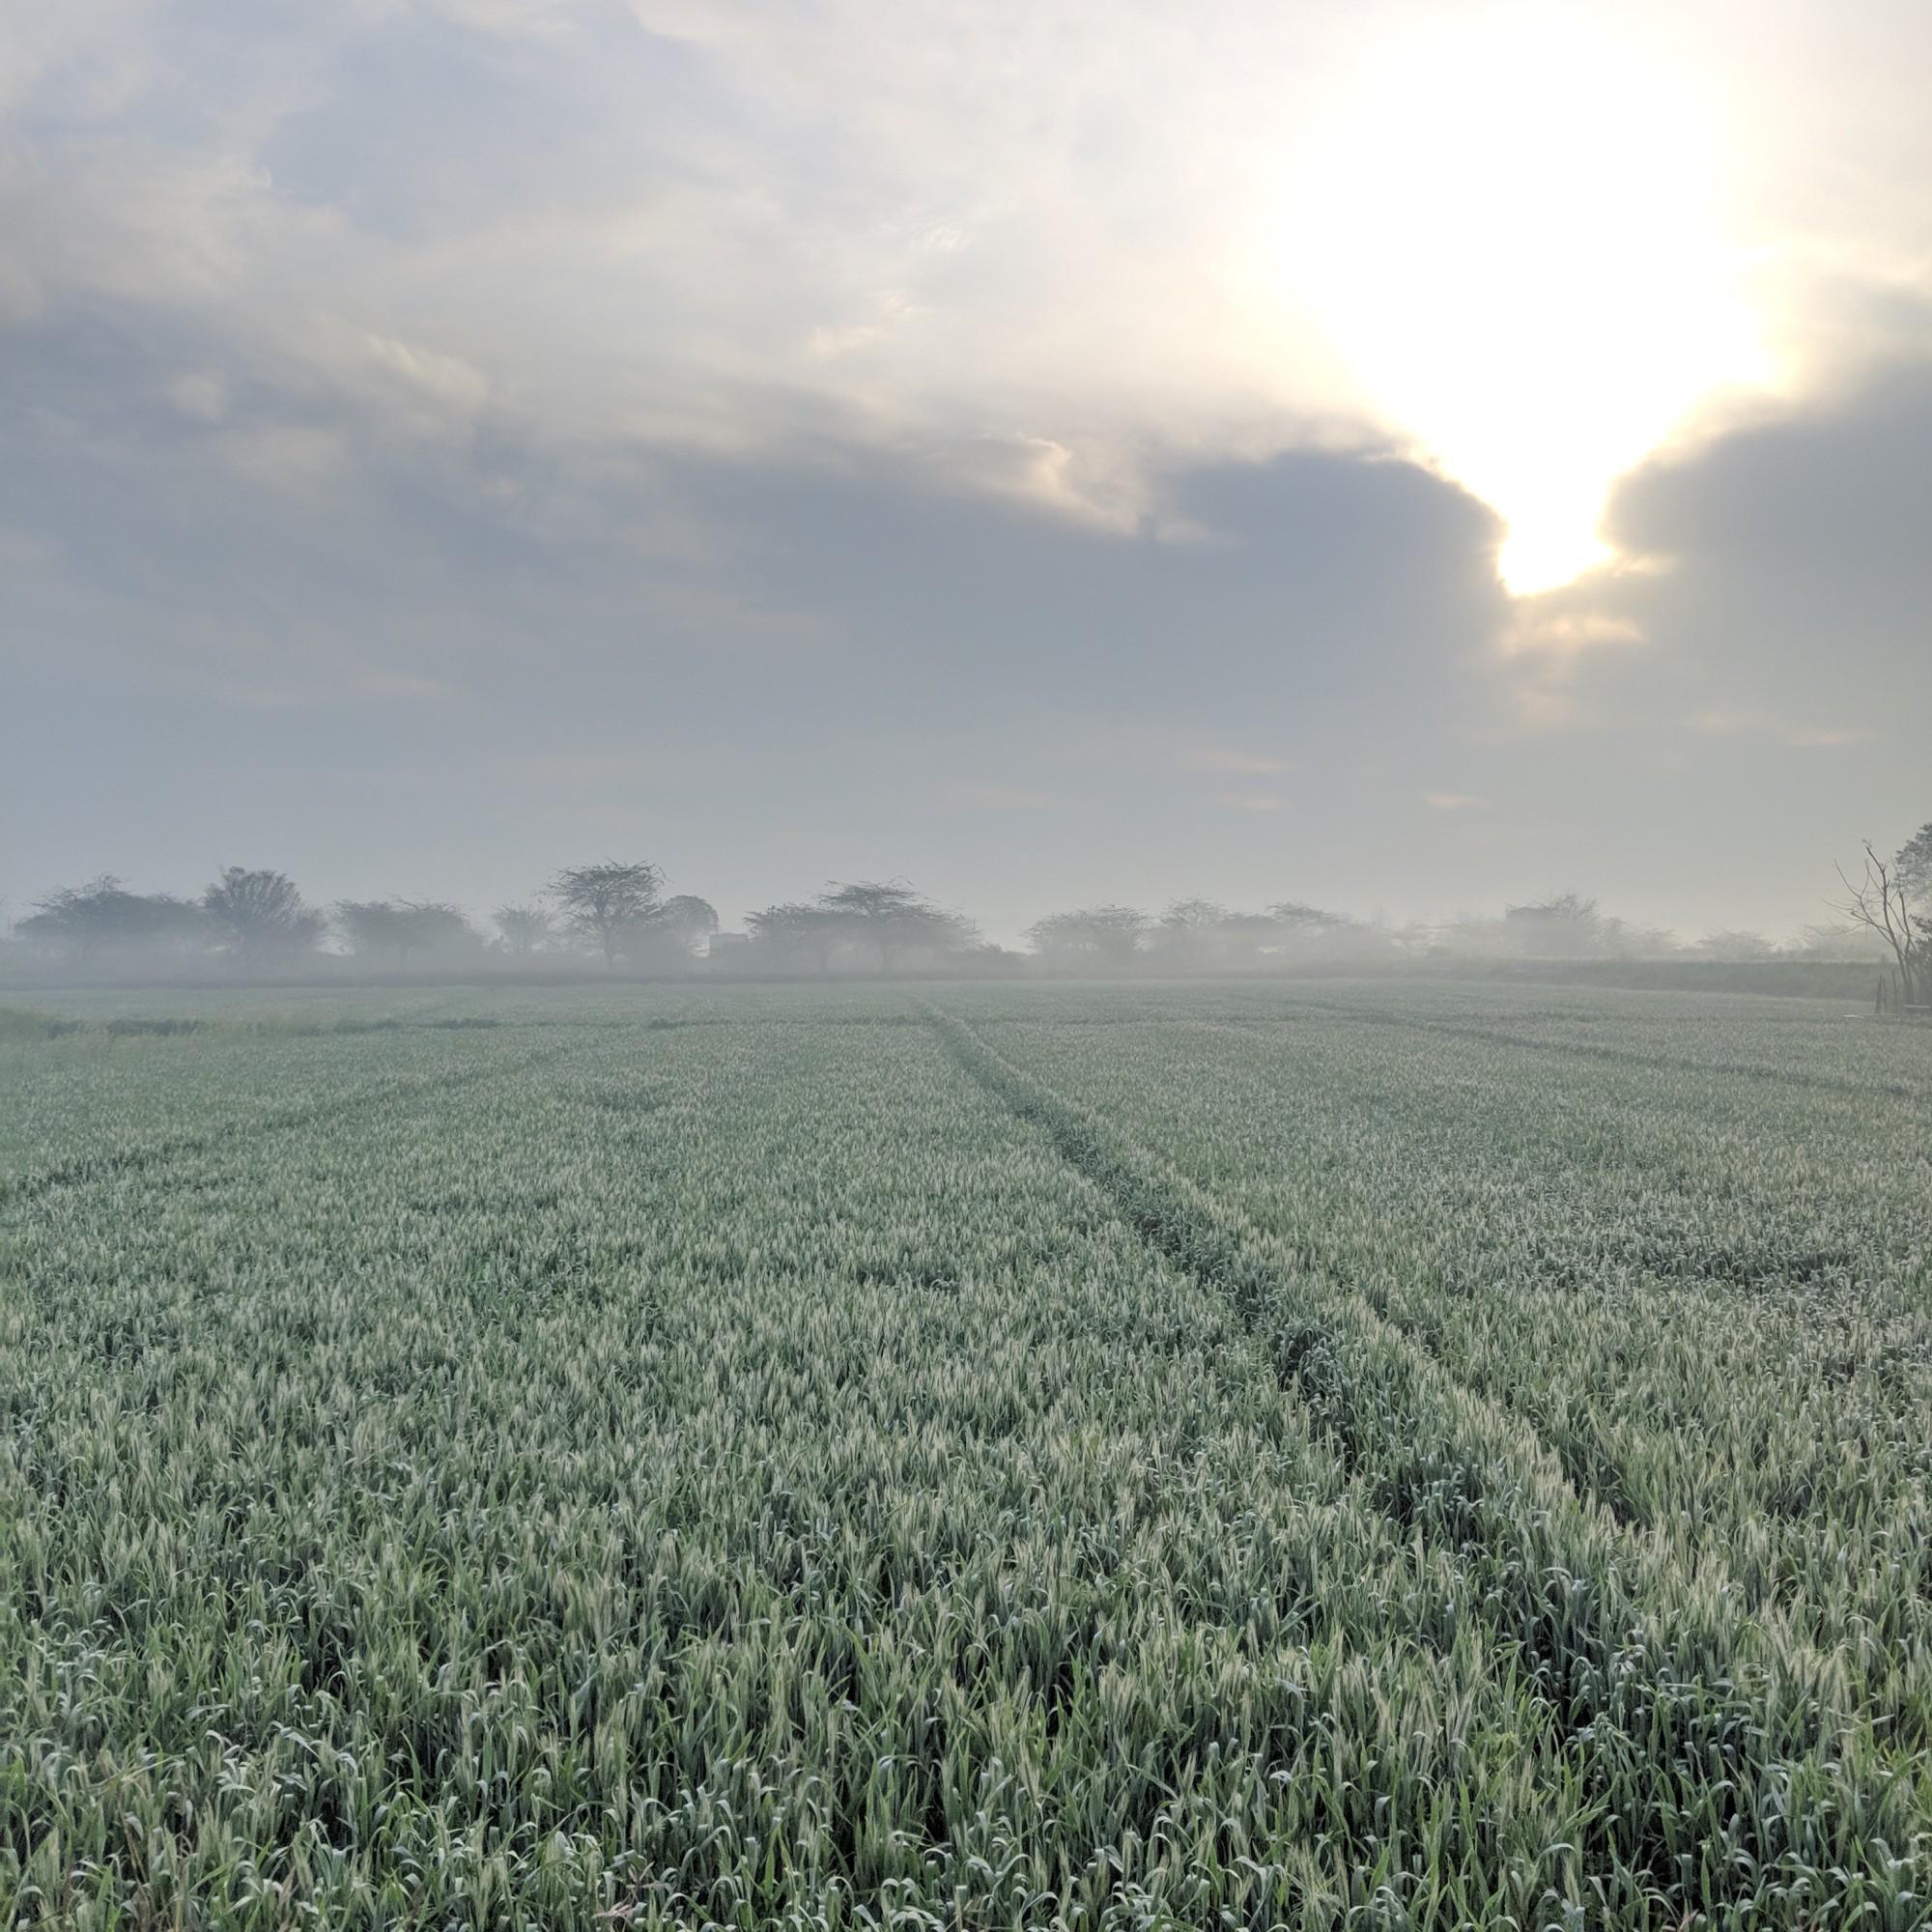 The beautiful farm